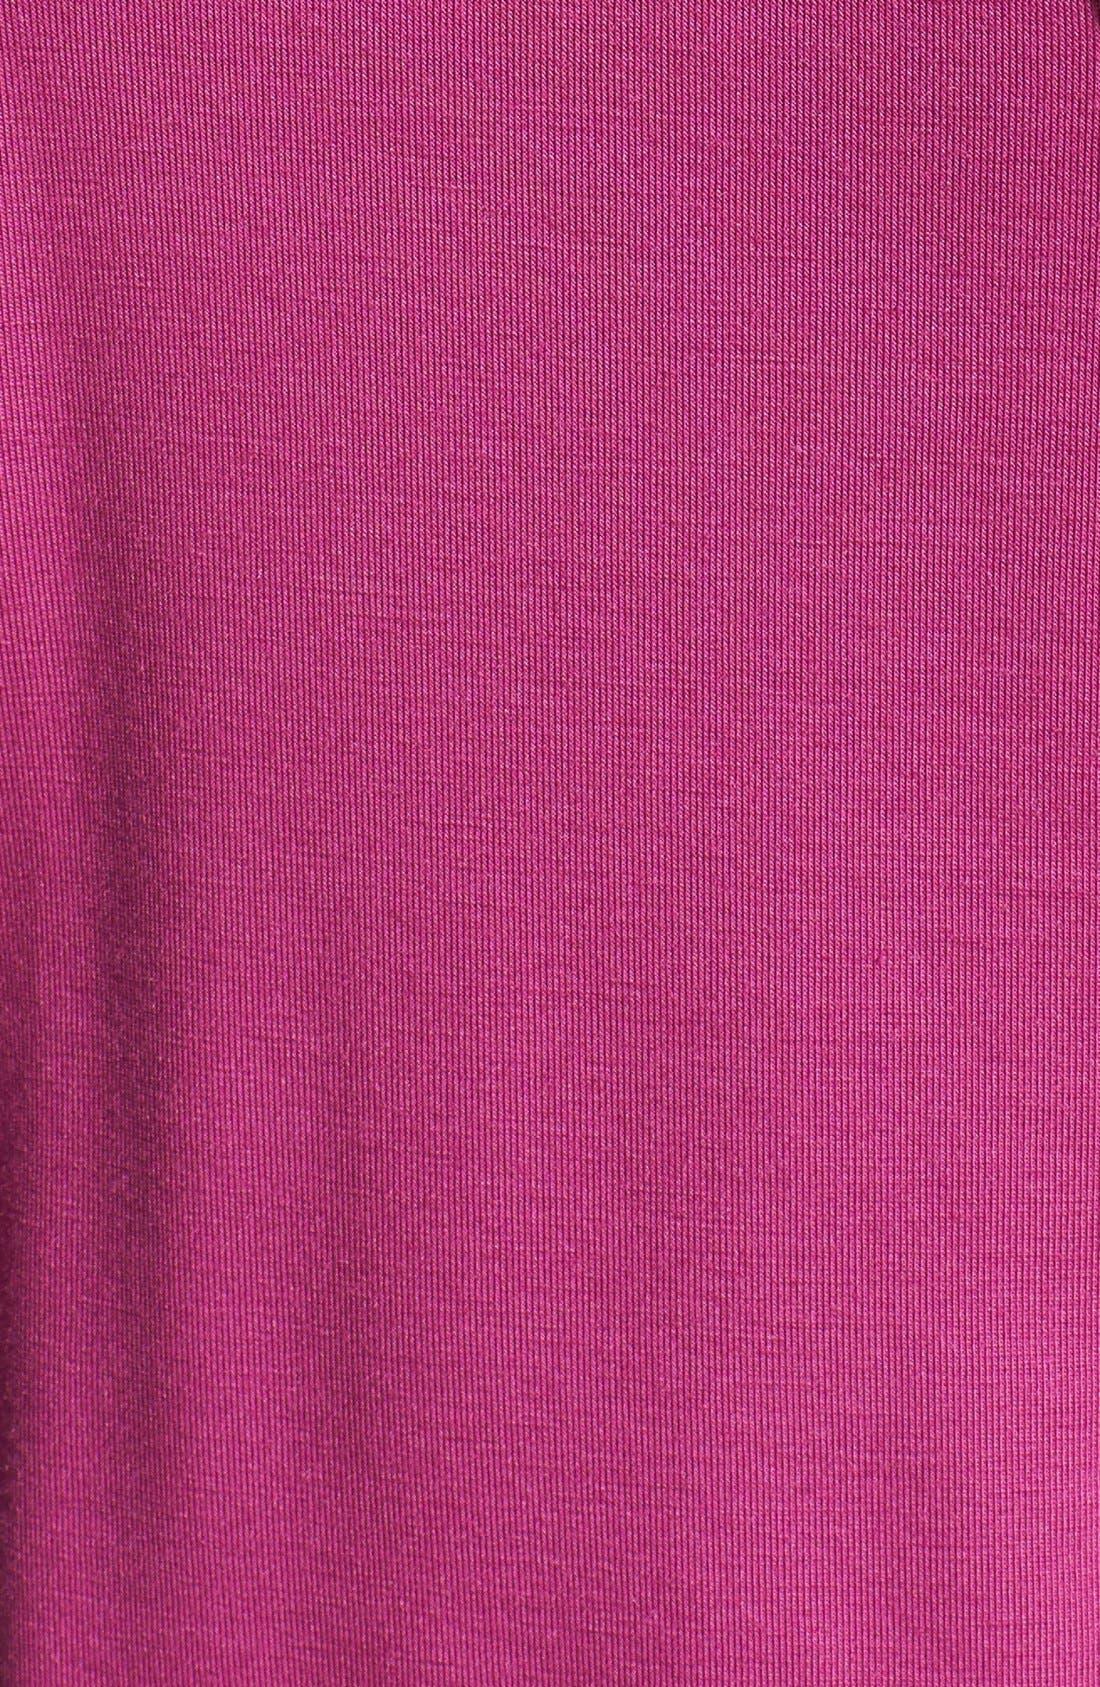 Alternate Image 3  - Trina Turk 'Raissa' Jersey Jumpsuit